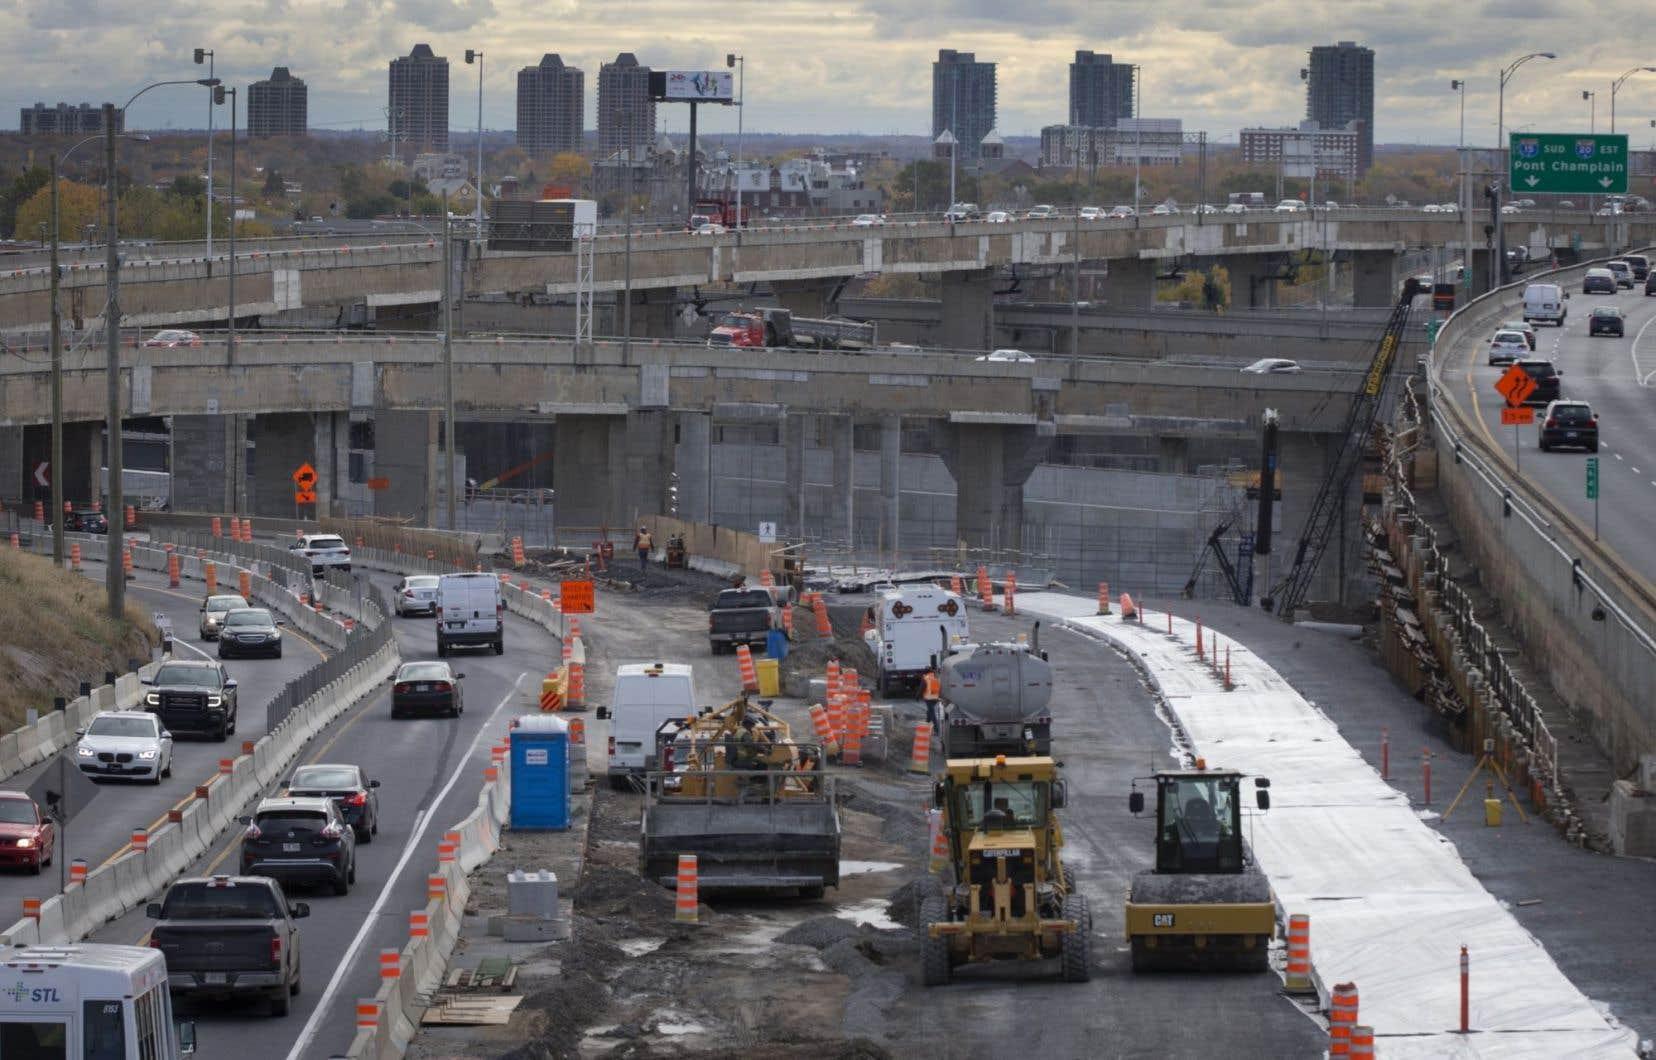 Au cours des cinq prochaines années, la Ville de Montréal compte doubler la quantité de travaux qu'elle effectuera pour retaper ses rues, ses aqueducs et ses égouts.